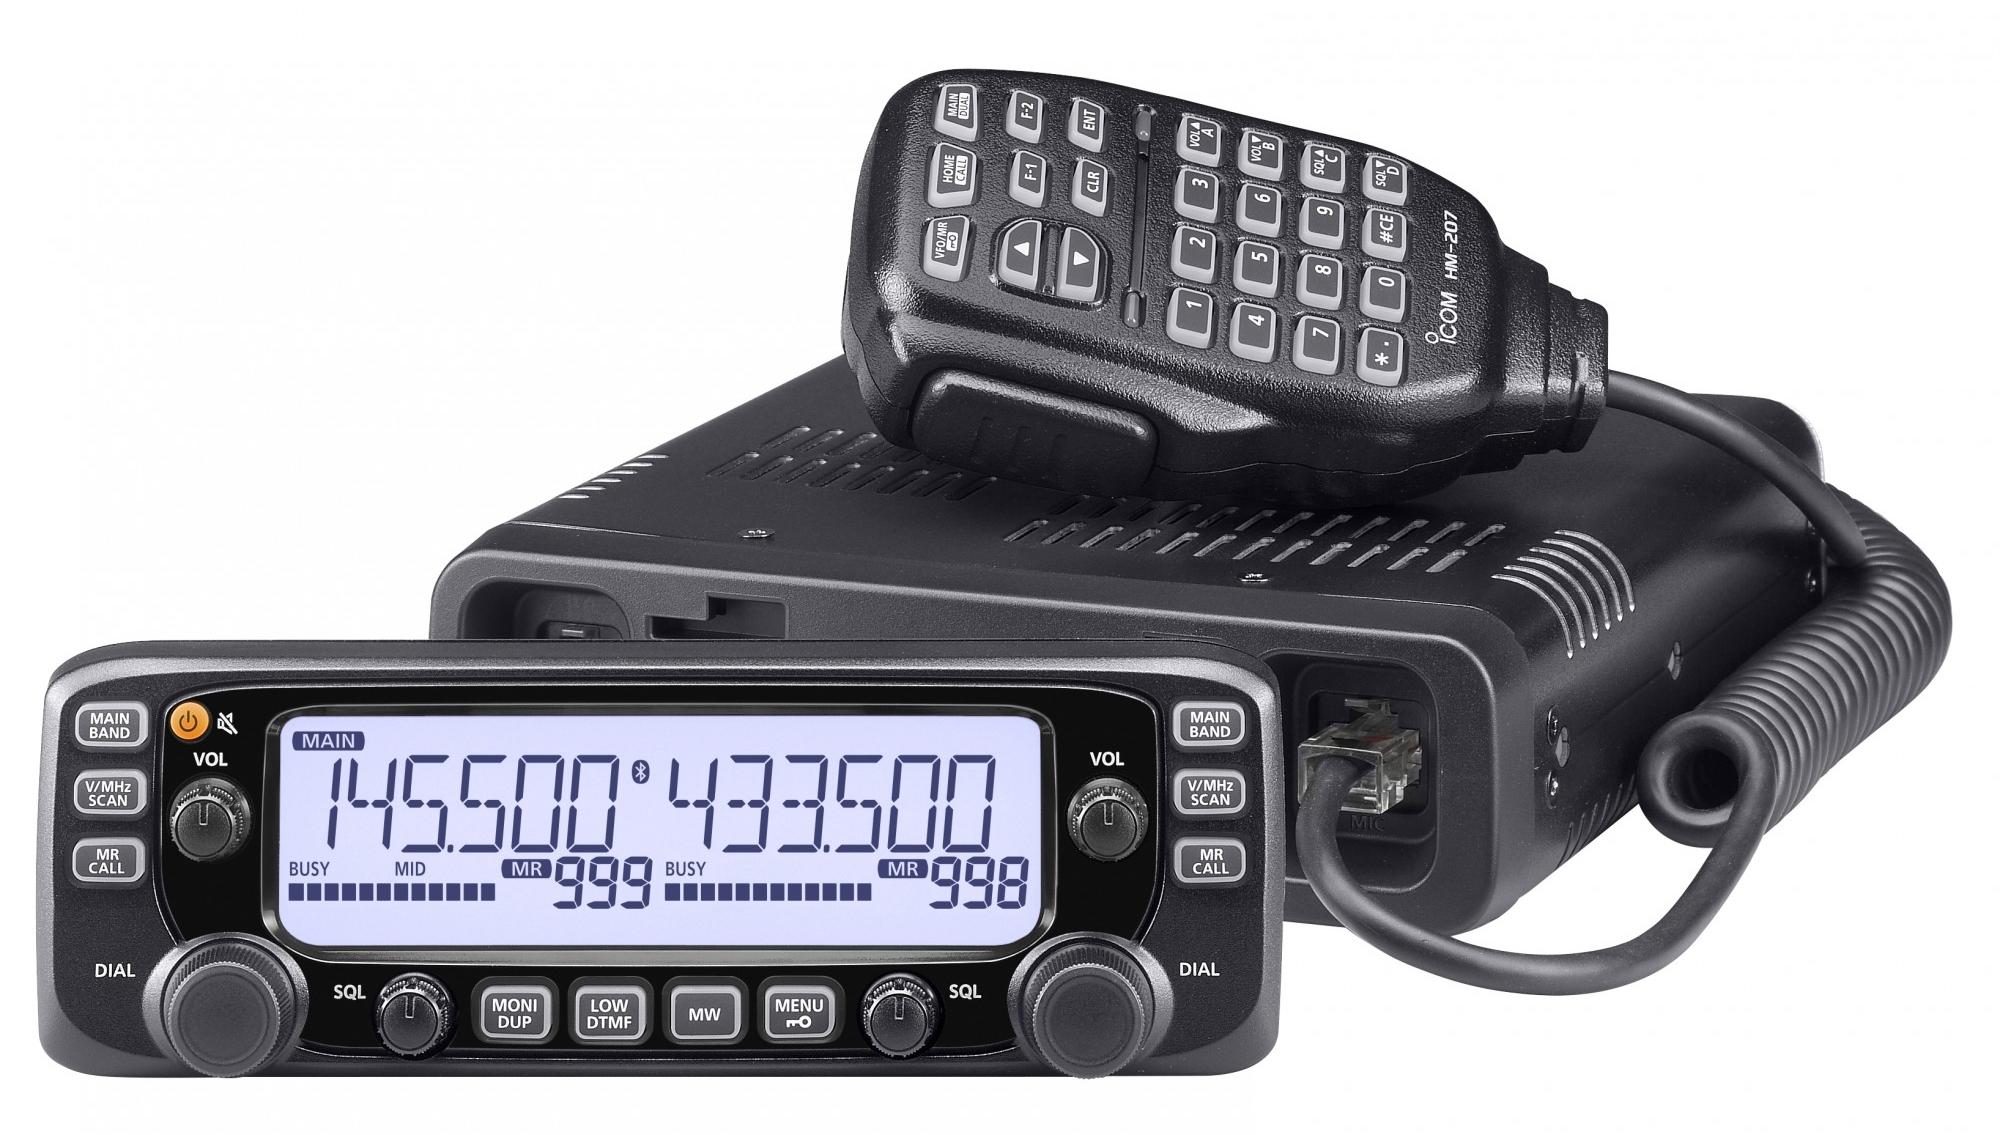 Icom Ic 2730e Vhf Uhf Dualband Amateurfunkgert Mit Bis Zu 50 Watt 484 Am Radio Receiver Sendeleistung Und Abnehmbarem Bedienteil Funktechnik Bielefeld Professionelles